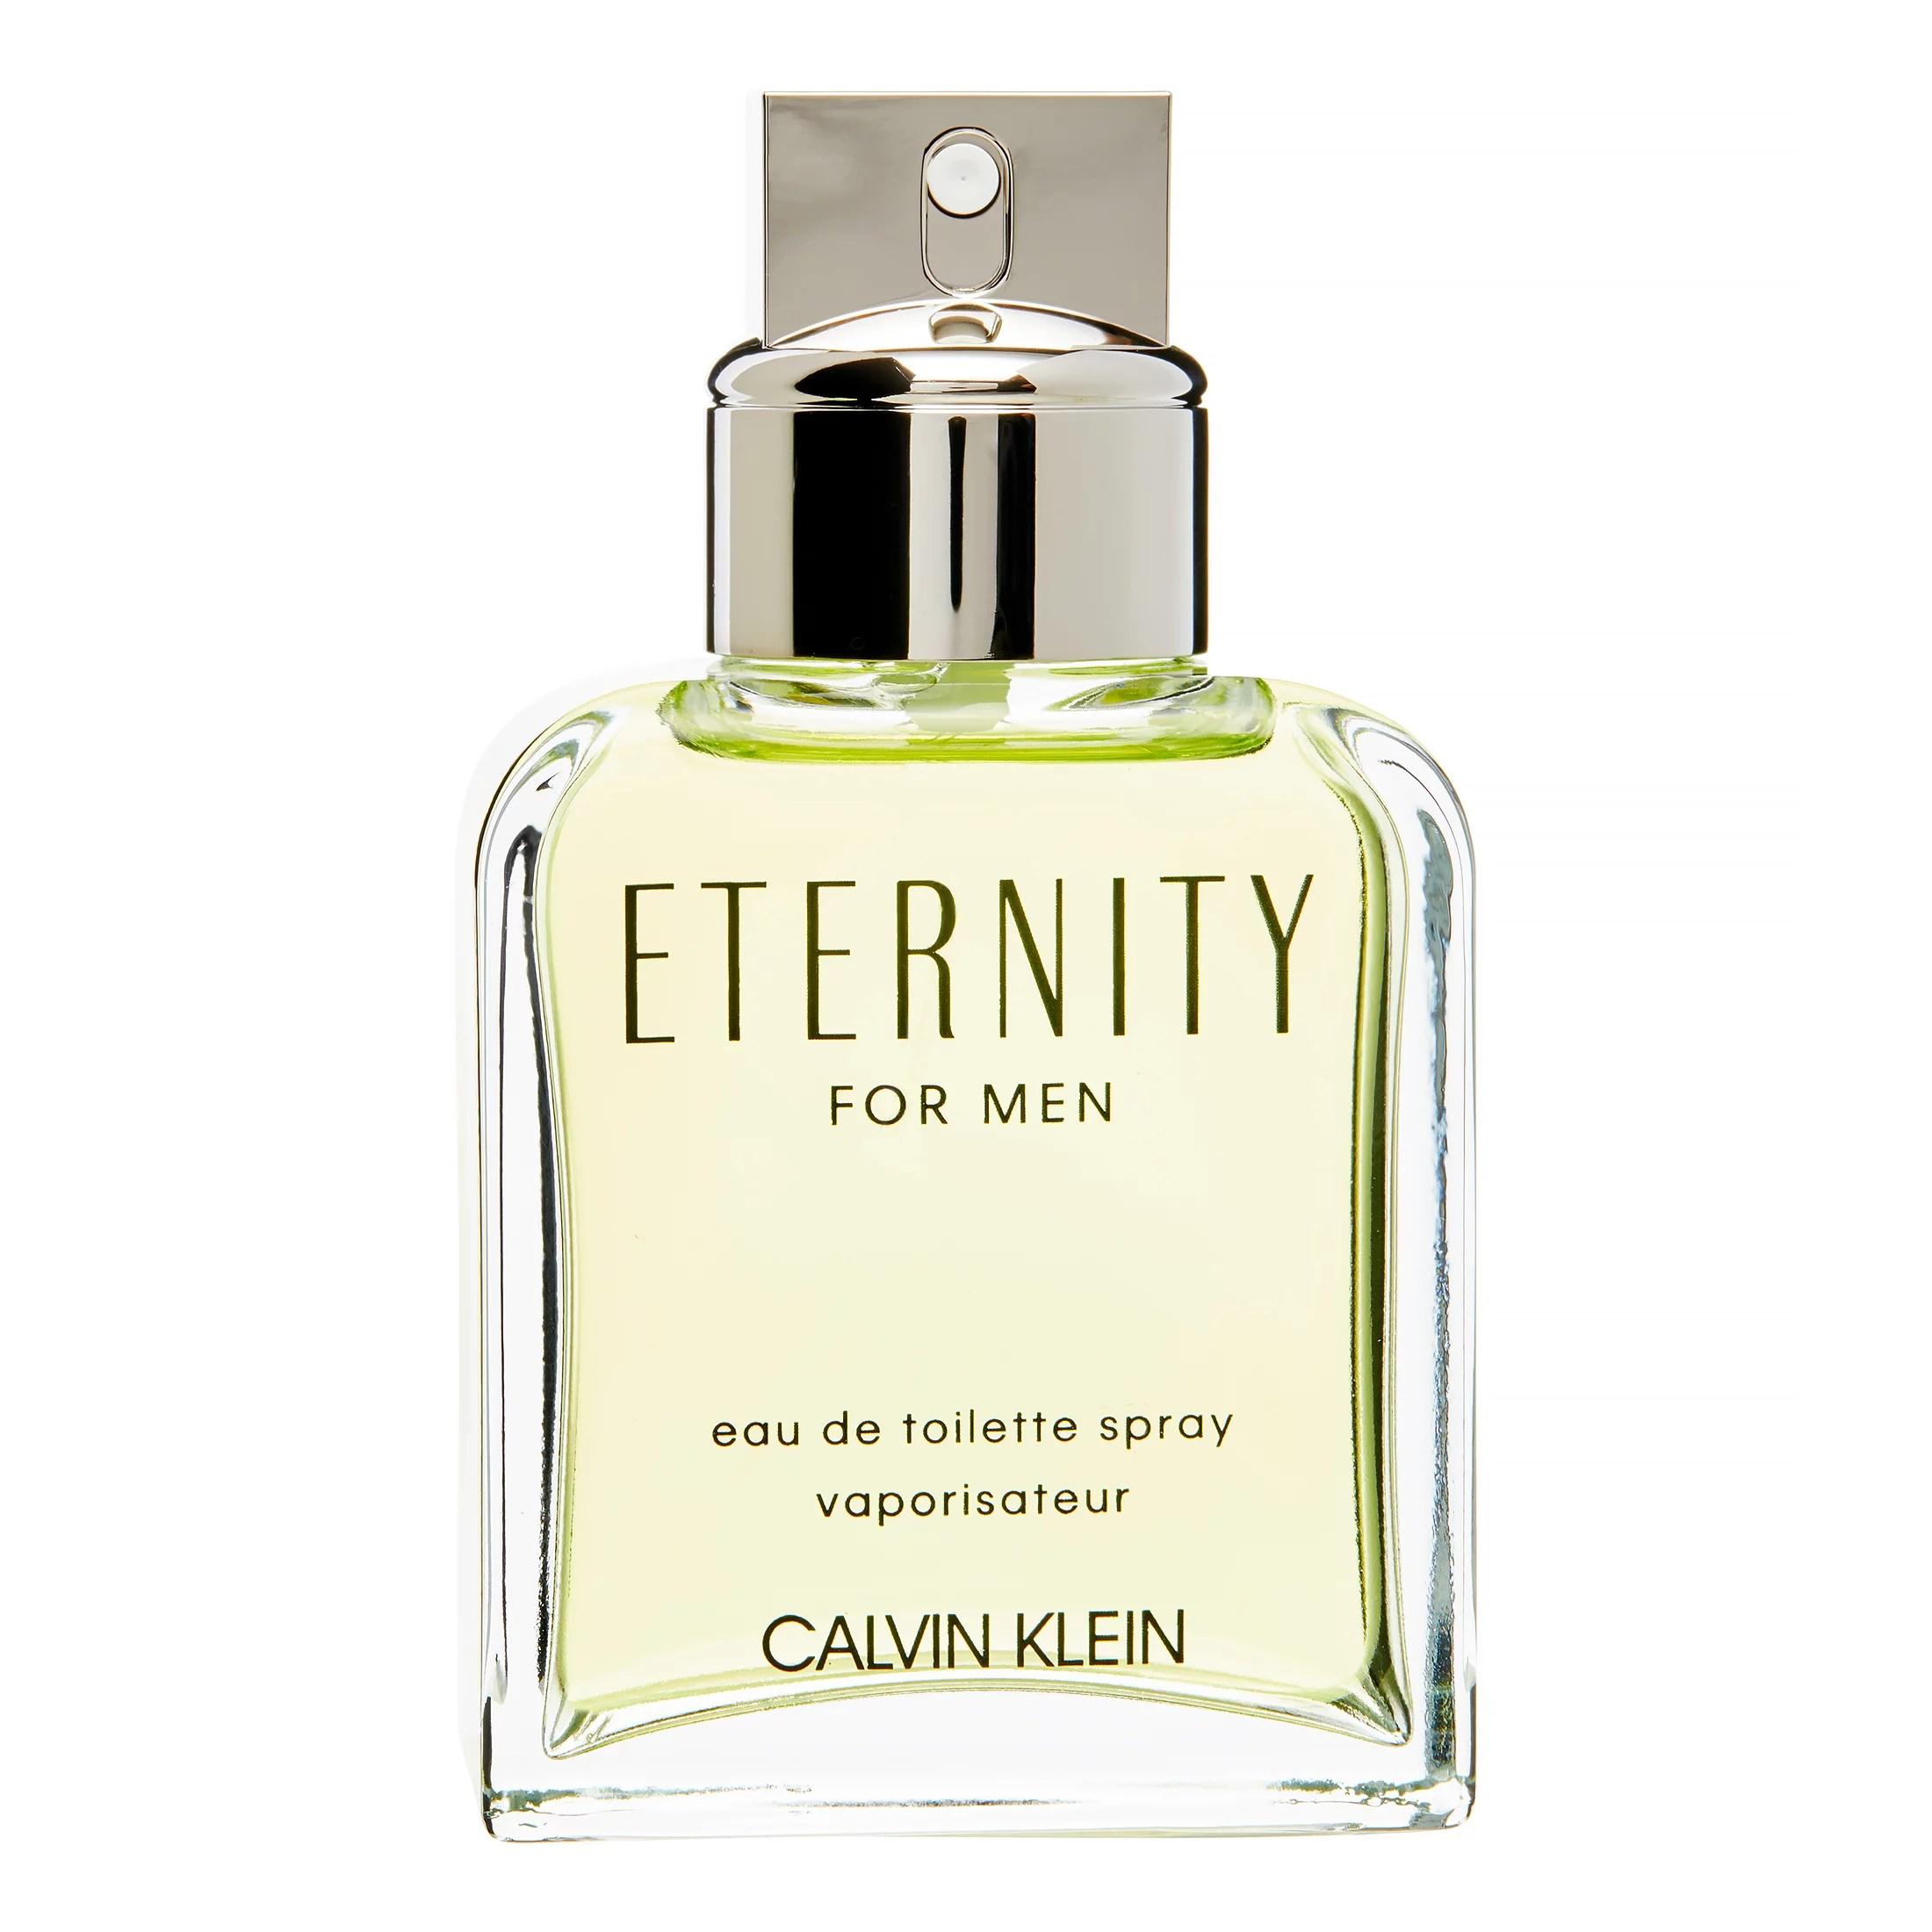 Calvin Klein Eternity Eau De Toilette Spray, Cologne for Men, 3.4 Oz